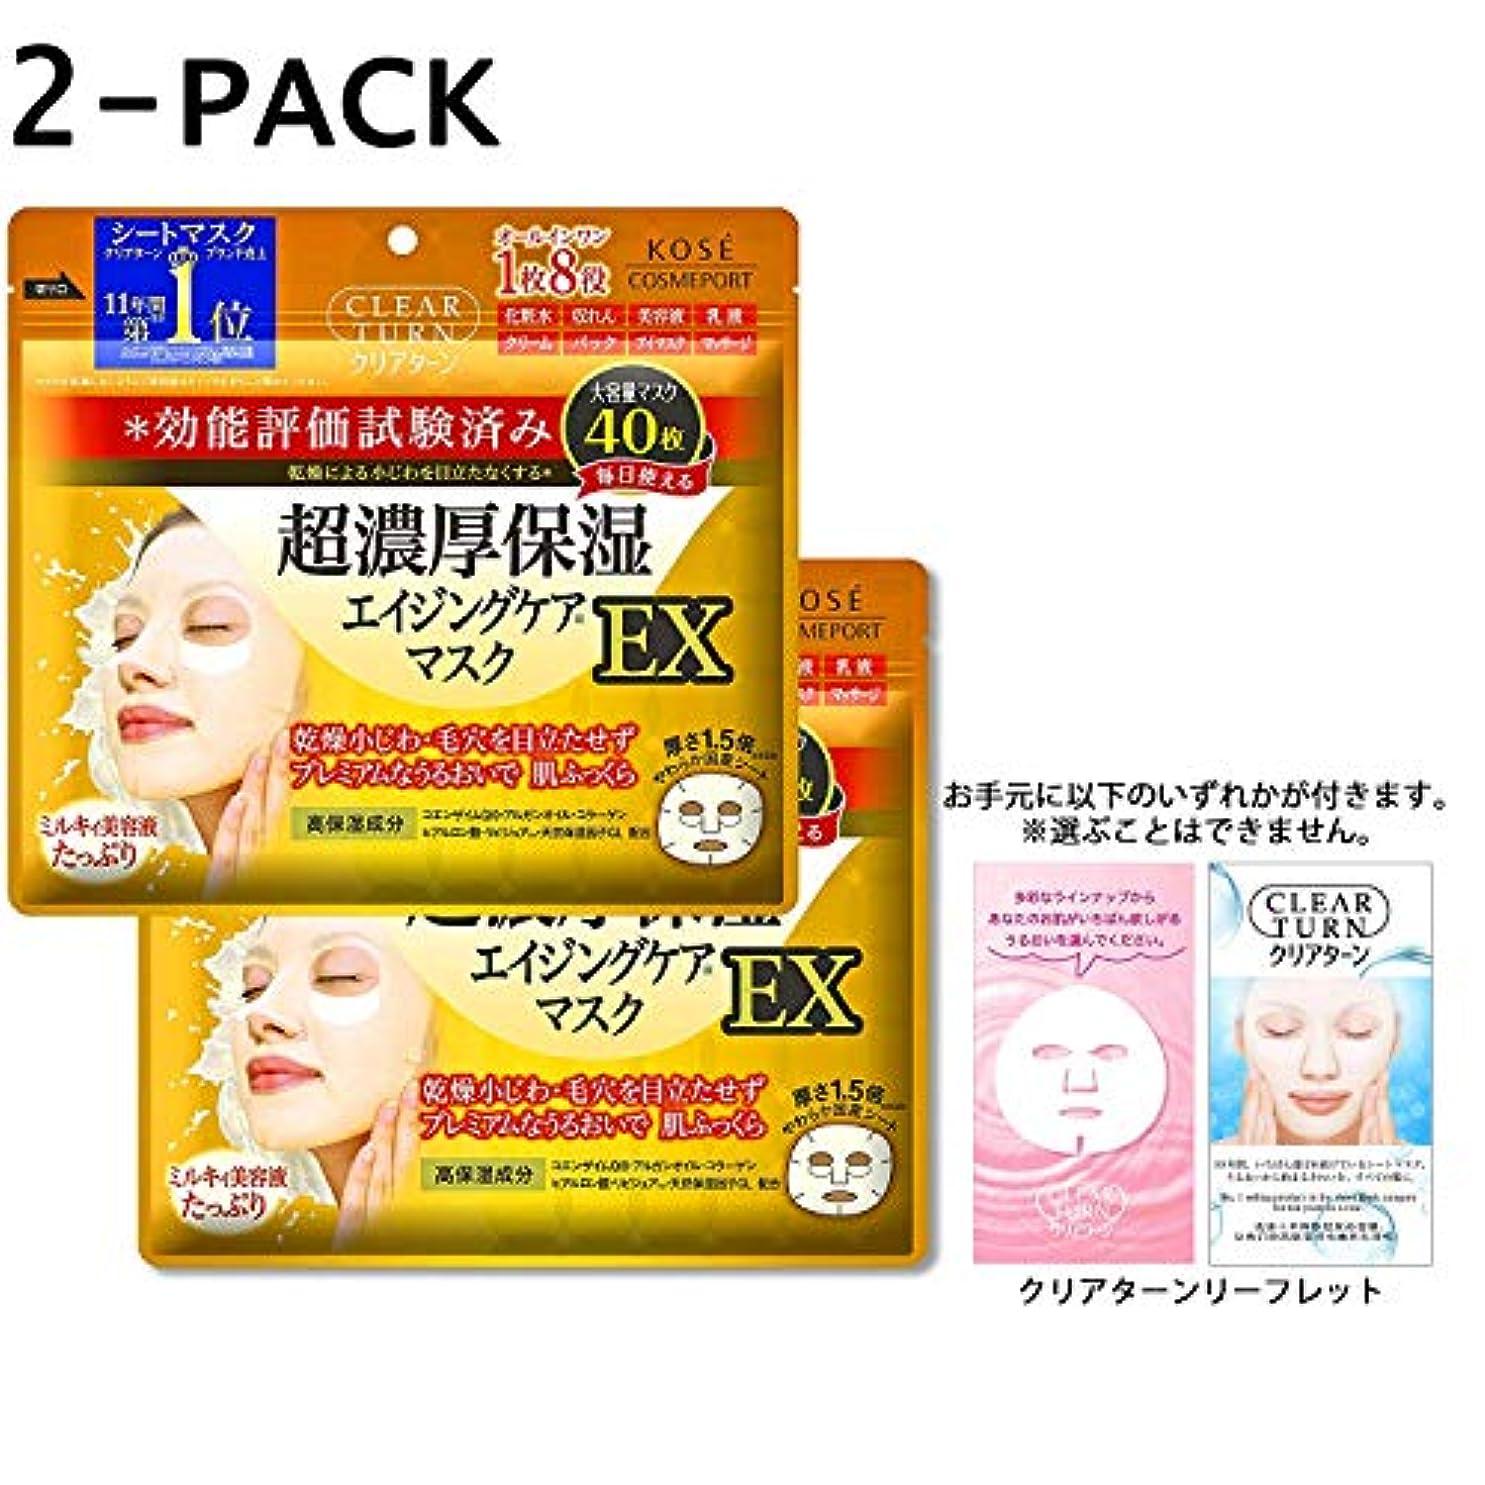 クラシック自信があるクリア【Amazon.co.jp限定】KOSE クリアターン 超濃厚保湿マスク EX(40枚入) 2P+リーフレット フェイスマスク